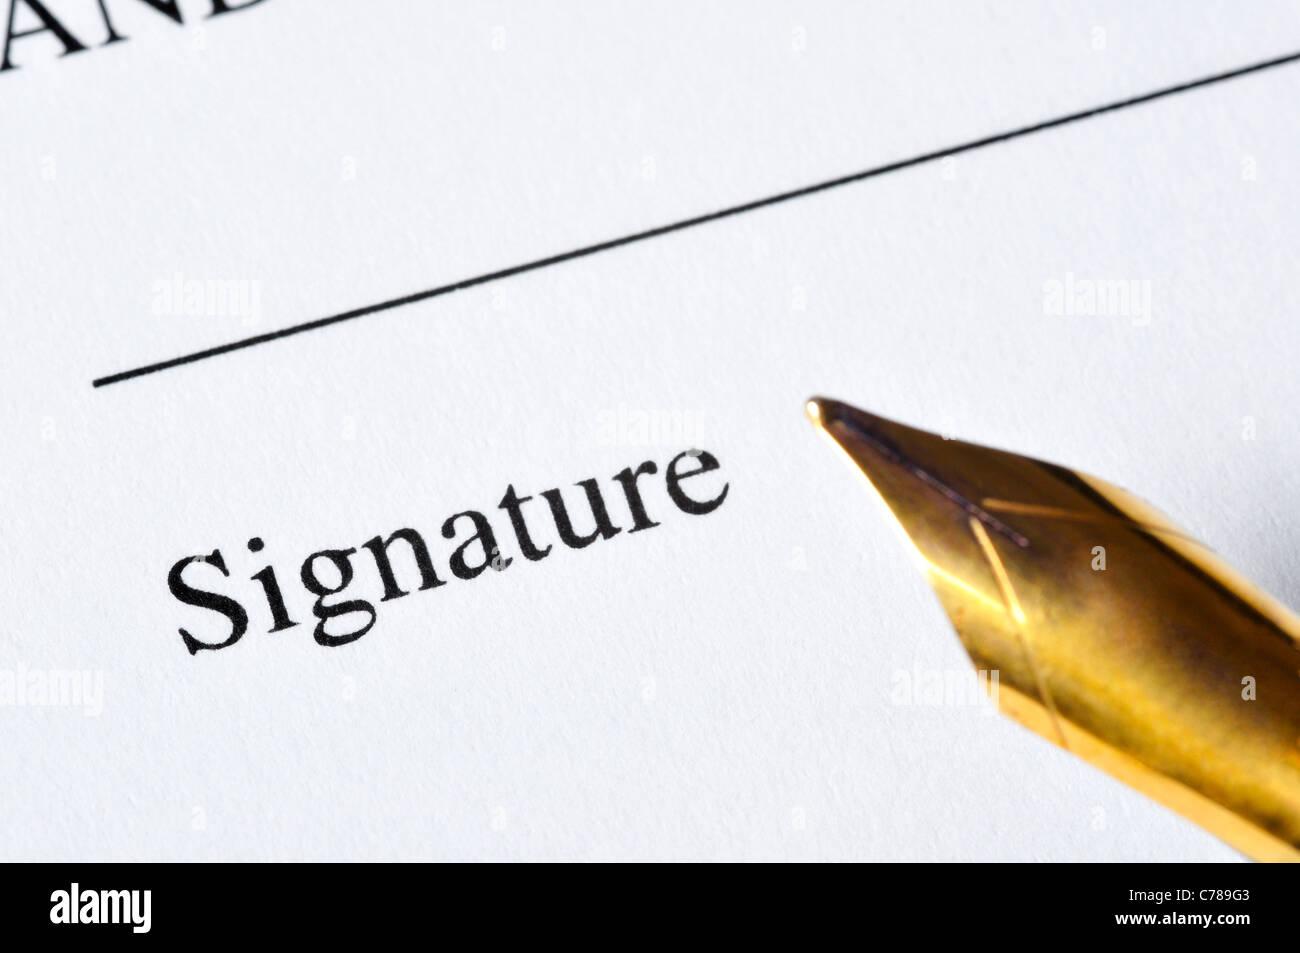 Un document prêt à être signé, avec un stylo par le côté Photo Stock